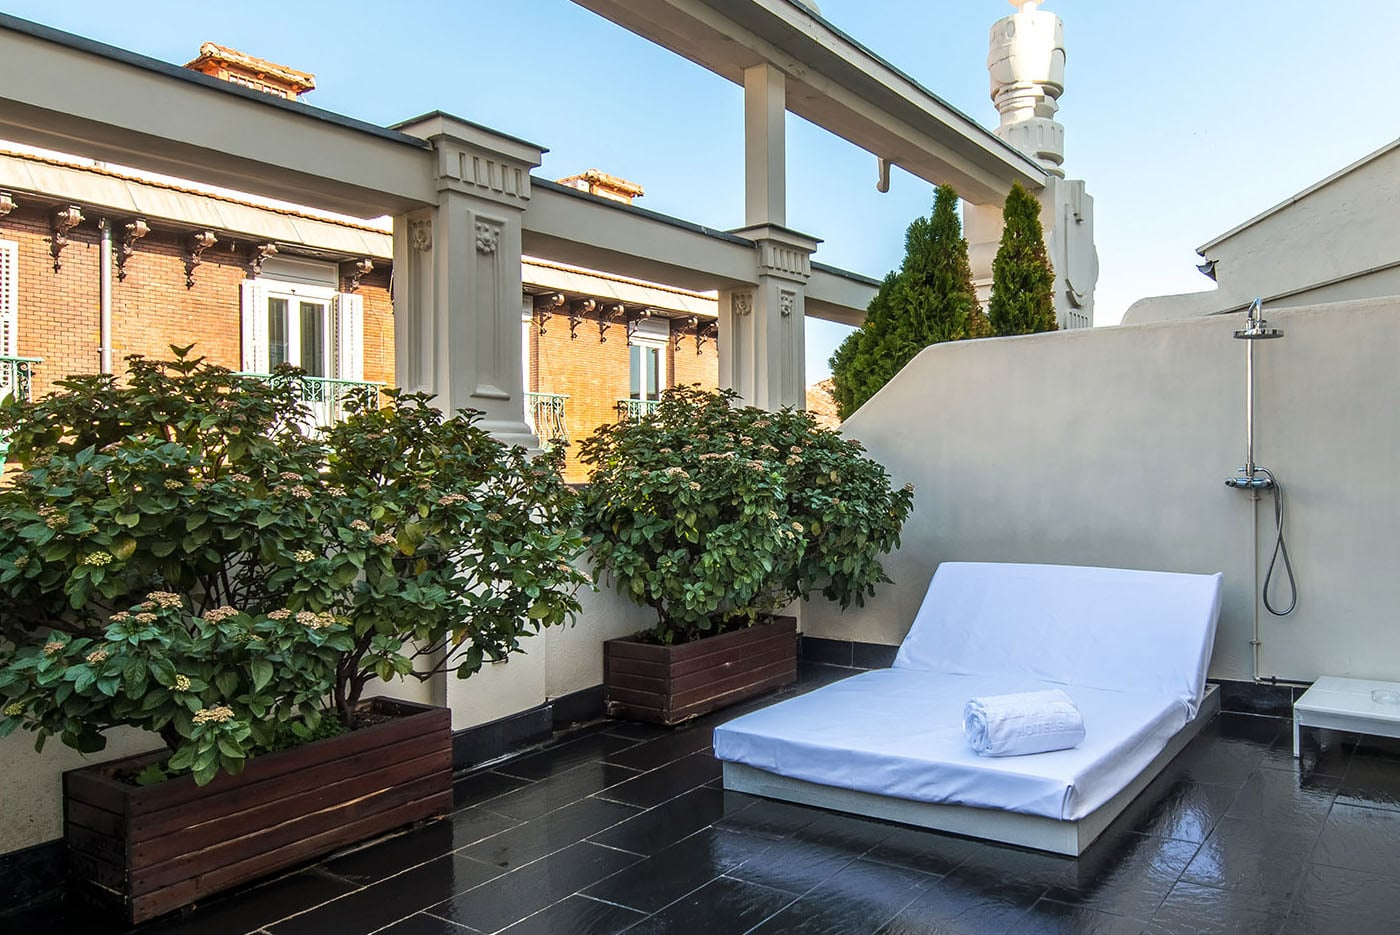 hotel-room-mate-alicia-adolfo-gosalvez-hoteles-panoramicos